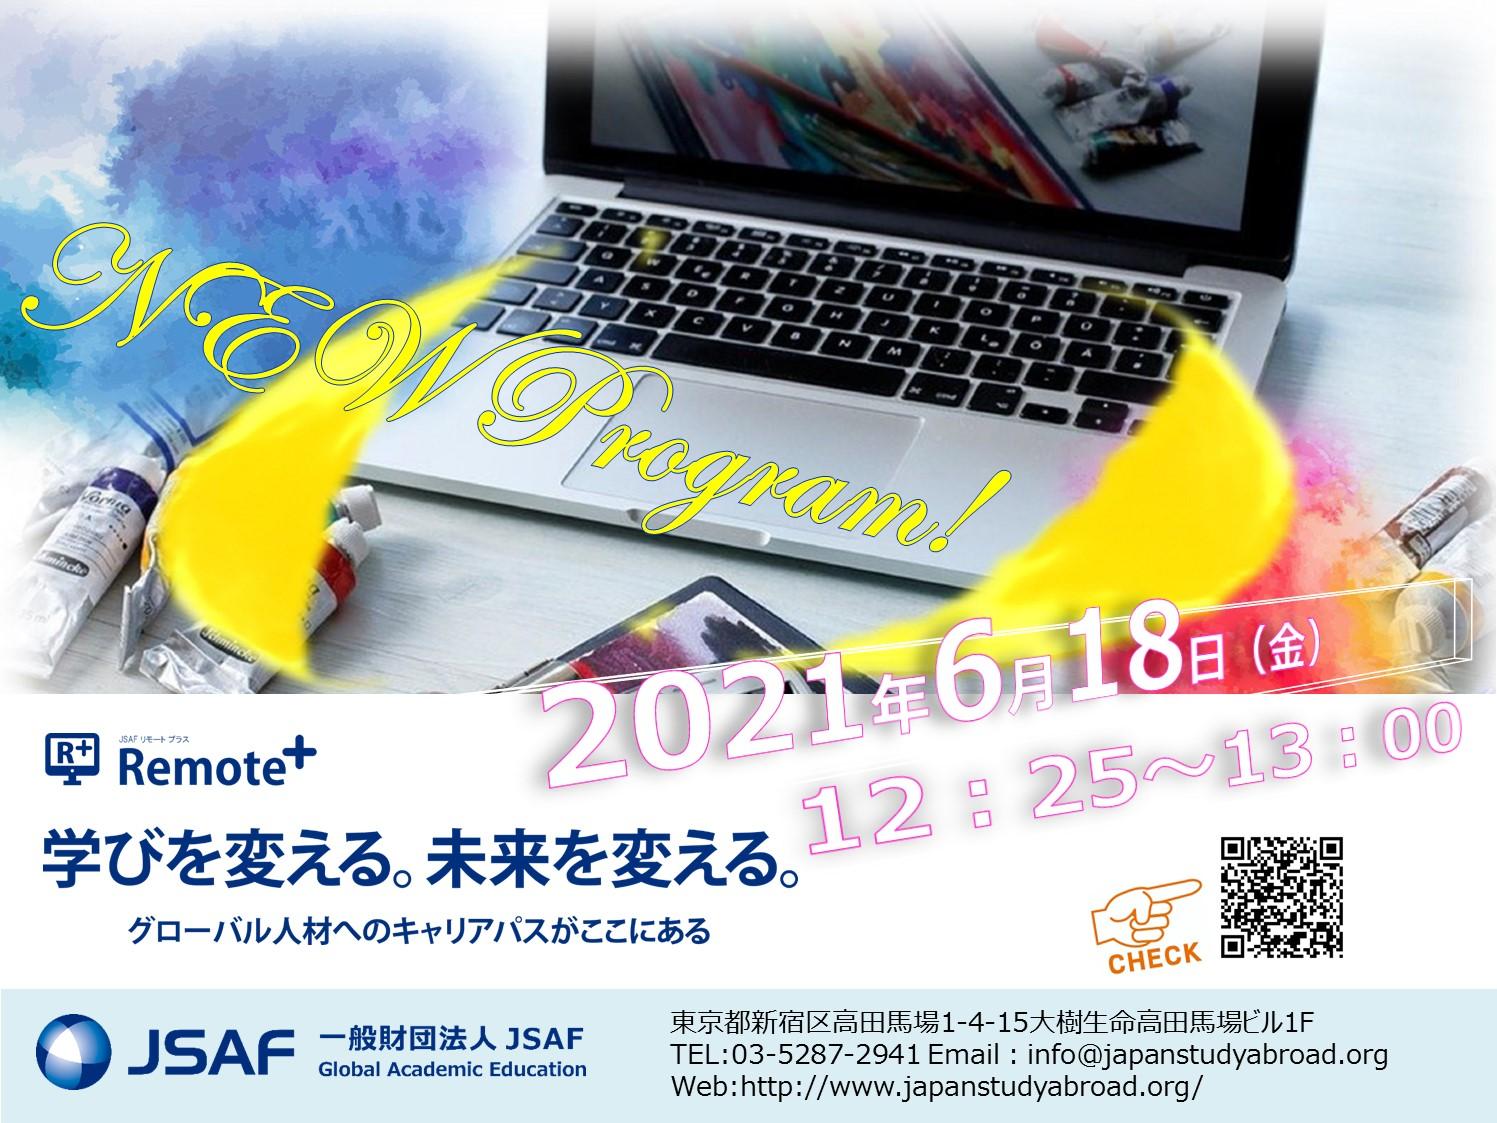 【説明会開催】6/18 JSAF Remote +説明会